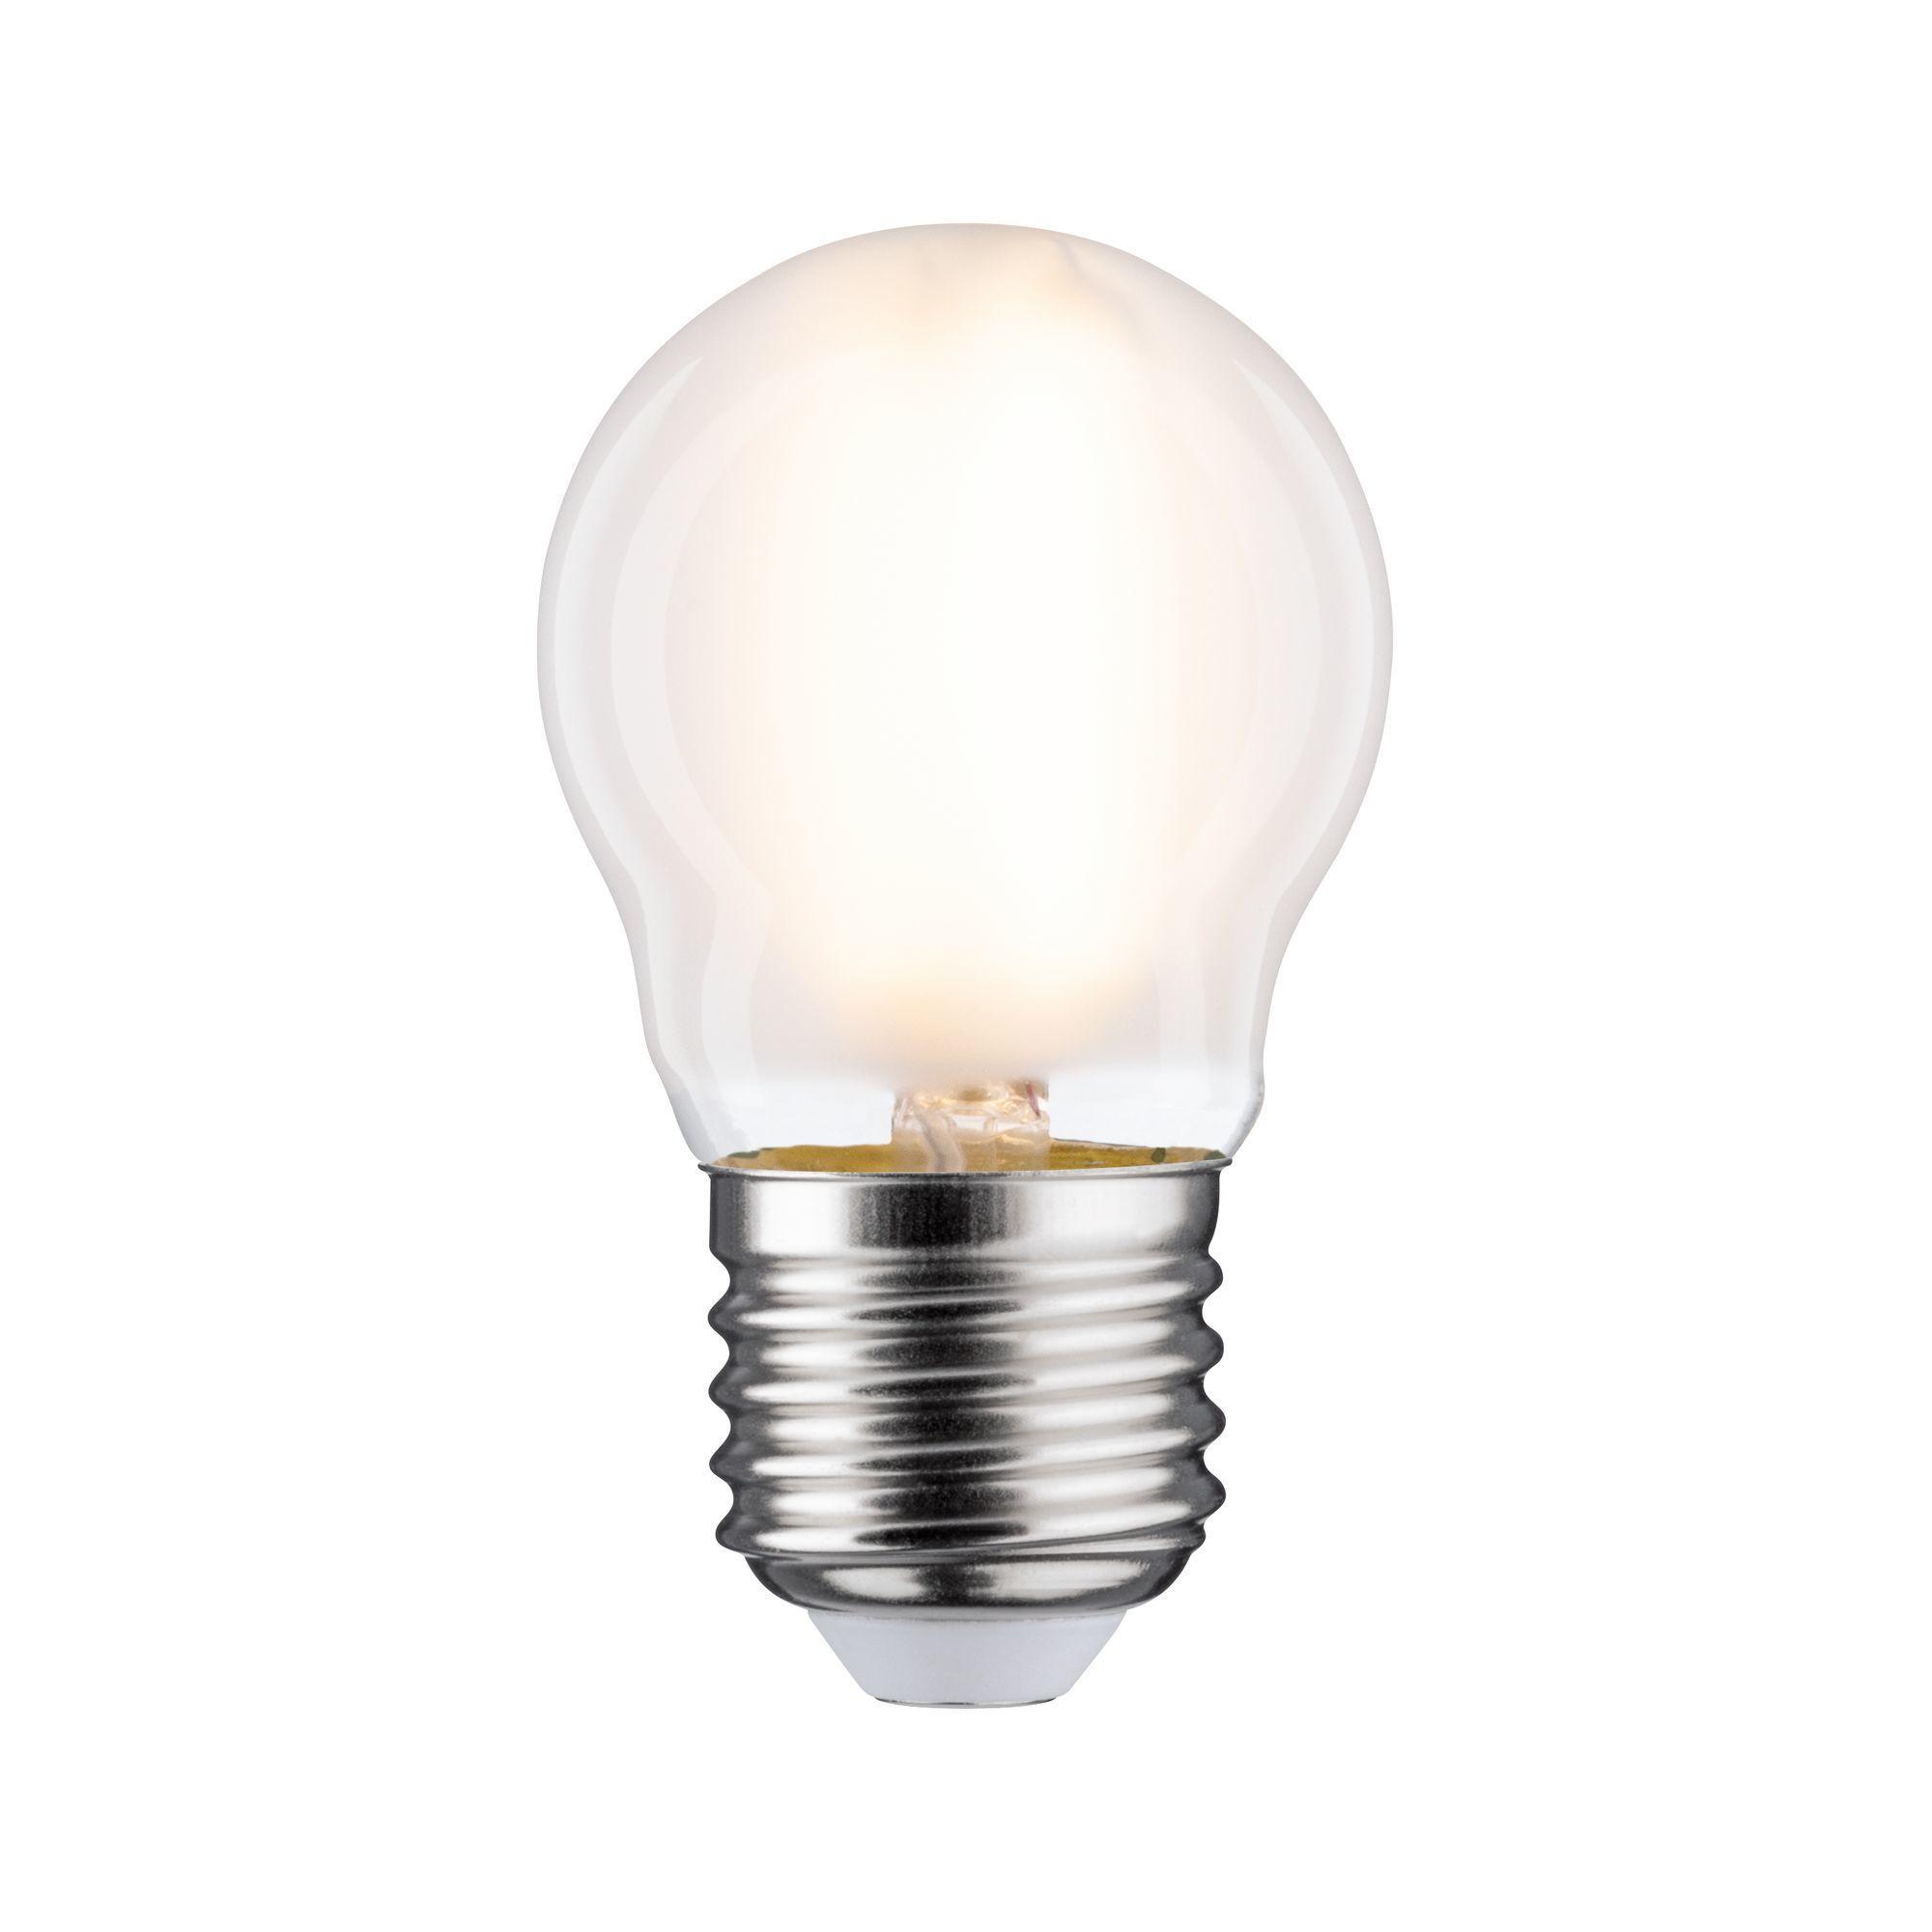 Paulmann LED Fil Tropfen 800lm E27 2700K 6,5W matt dim 230V (28657)